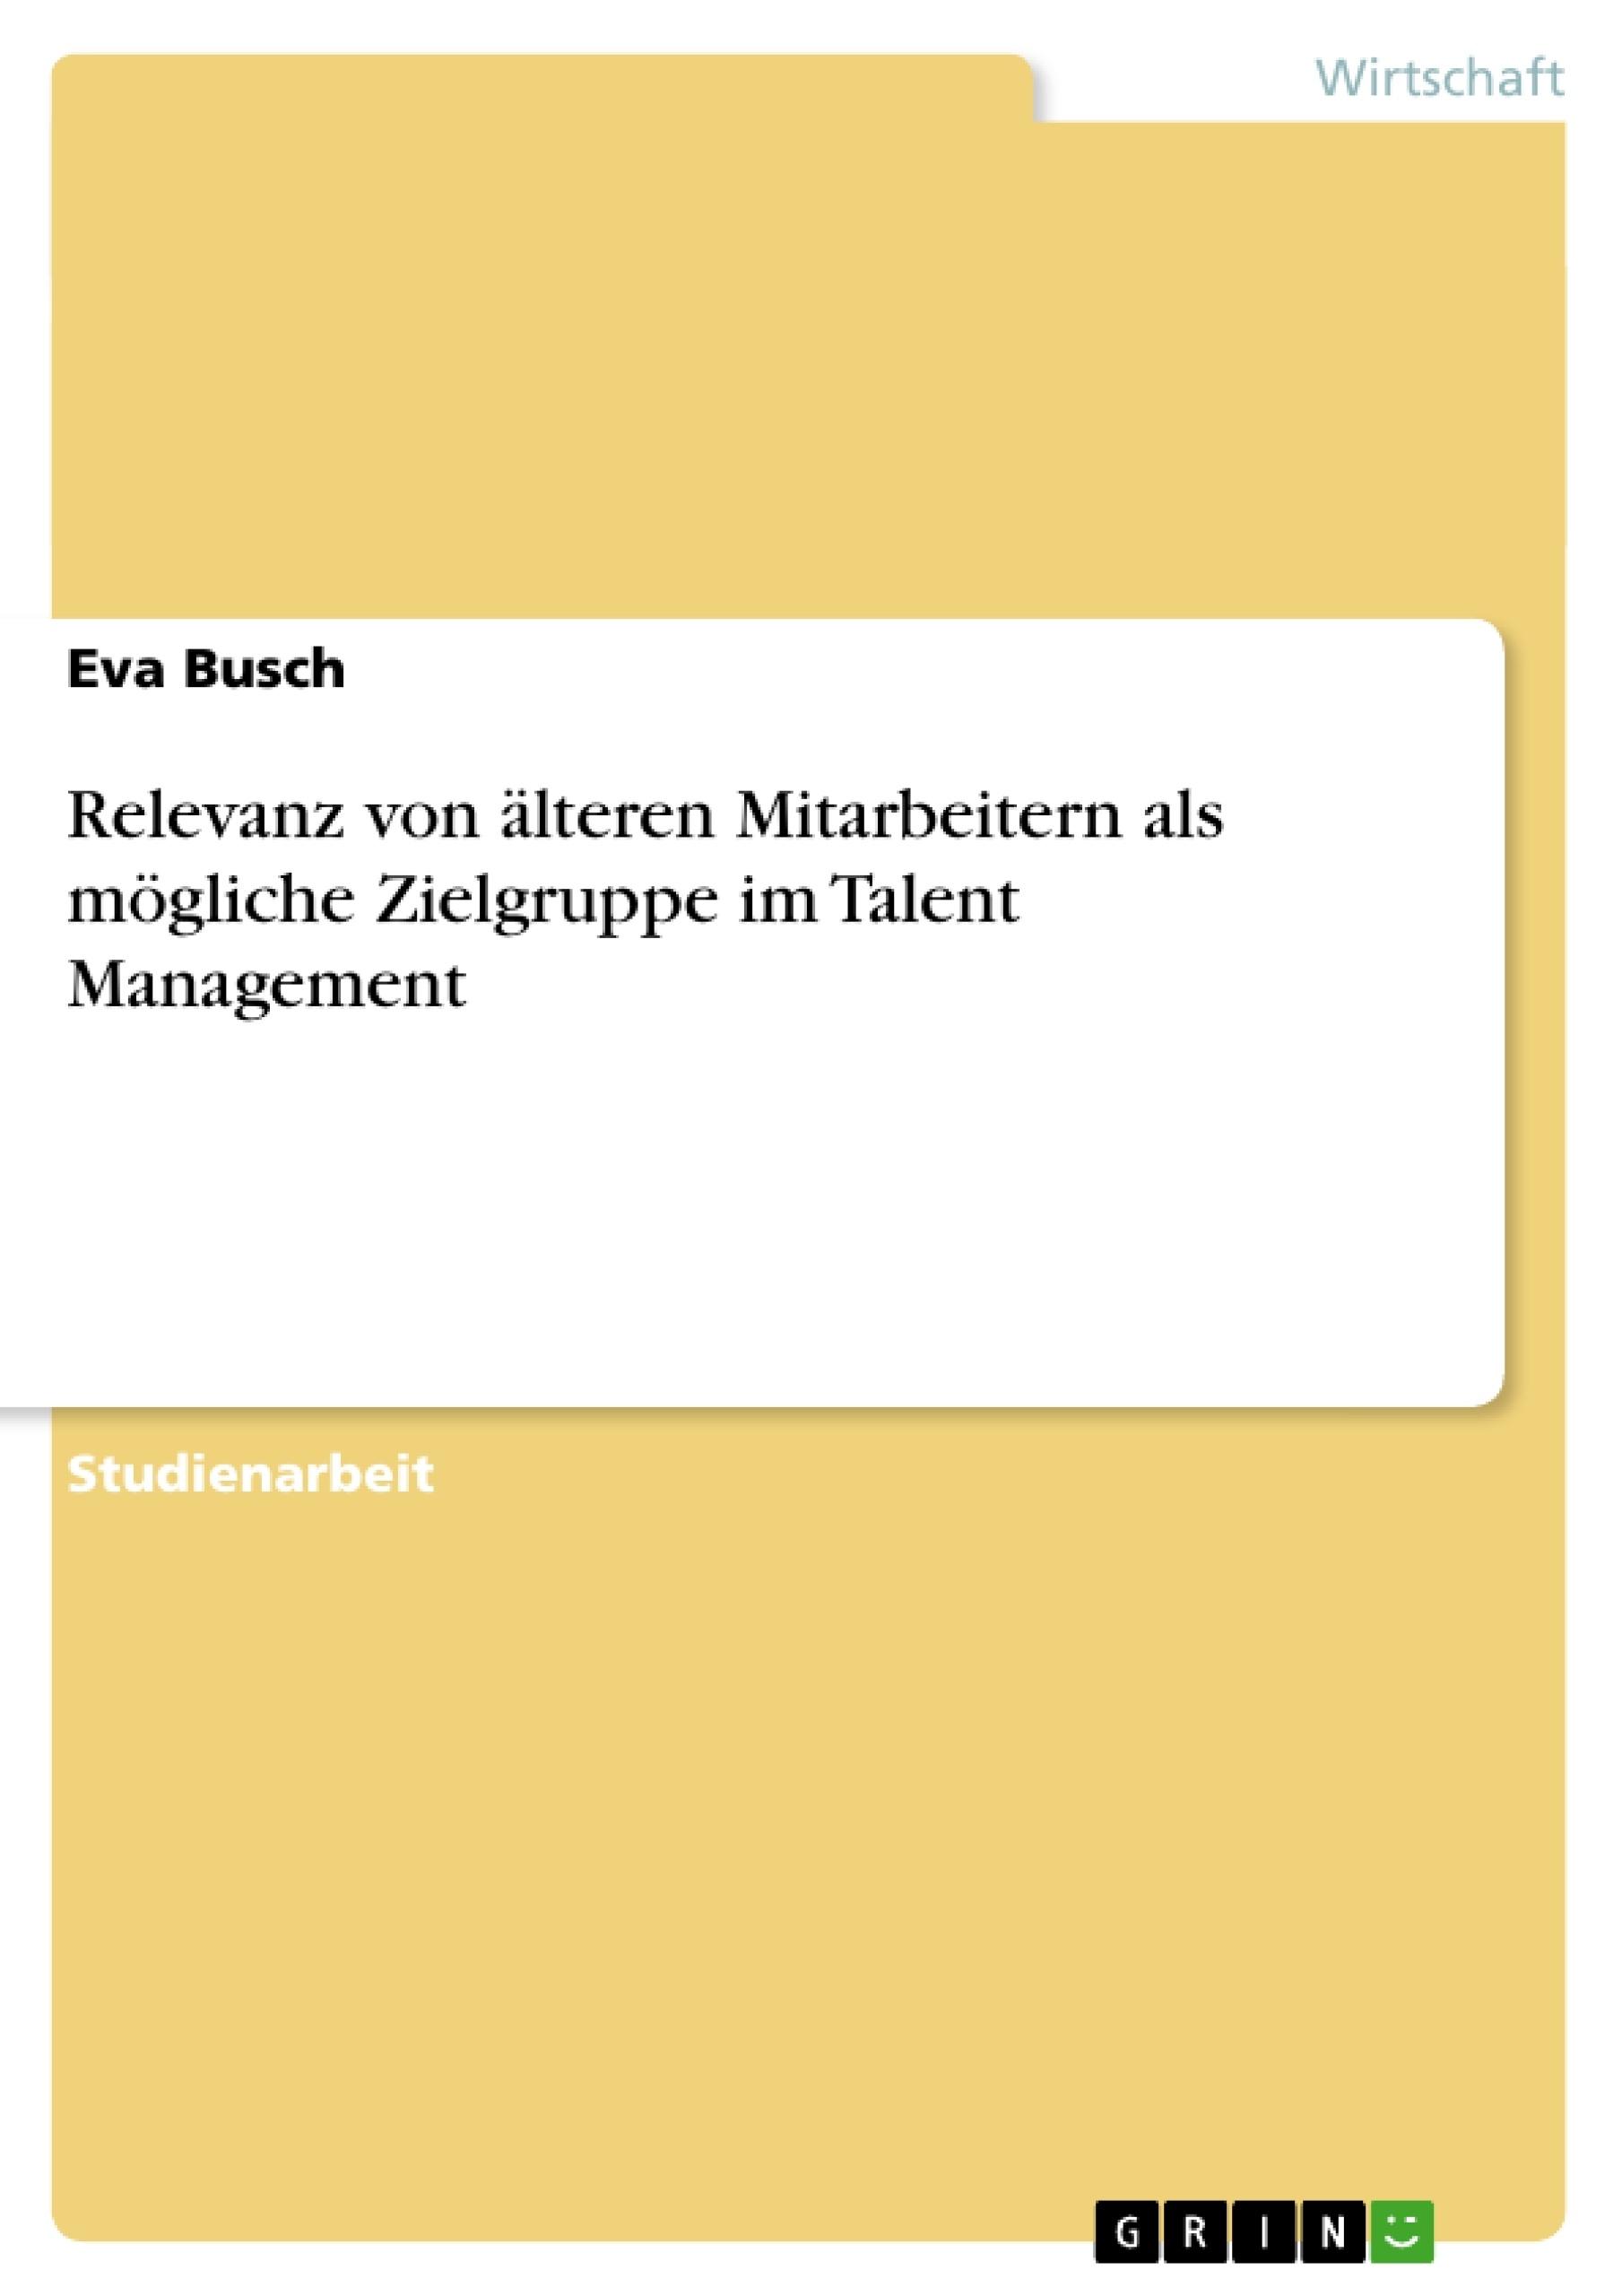 Titel: Relevanz von älteren Mitarbeitern als mögliche Zielgruppe im Talent Management